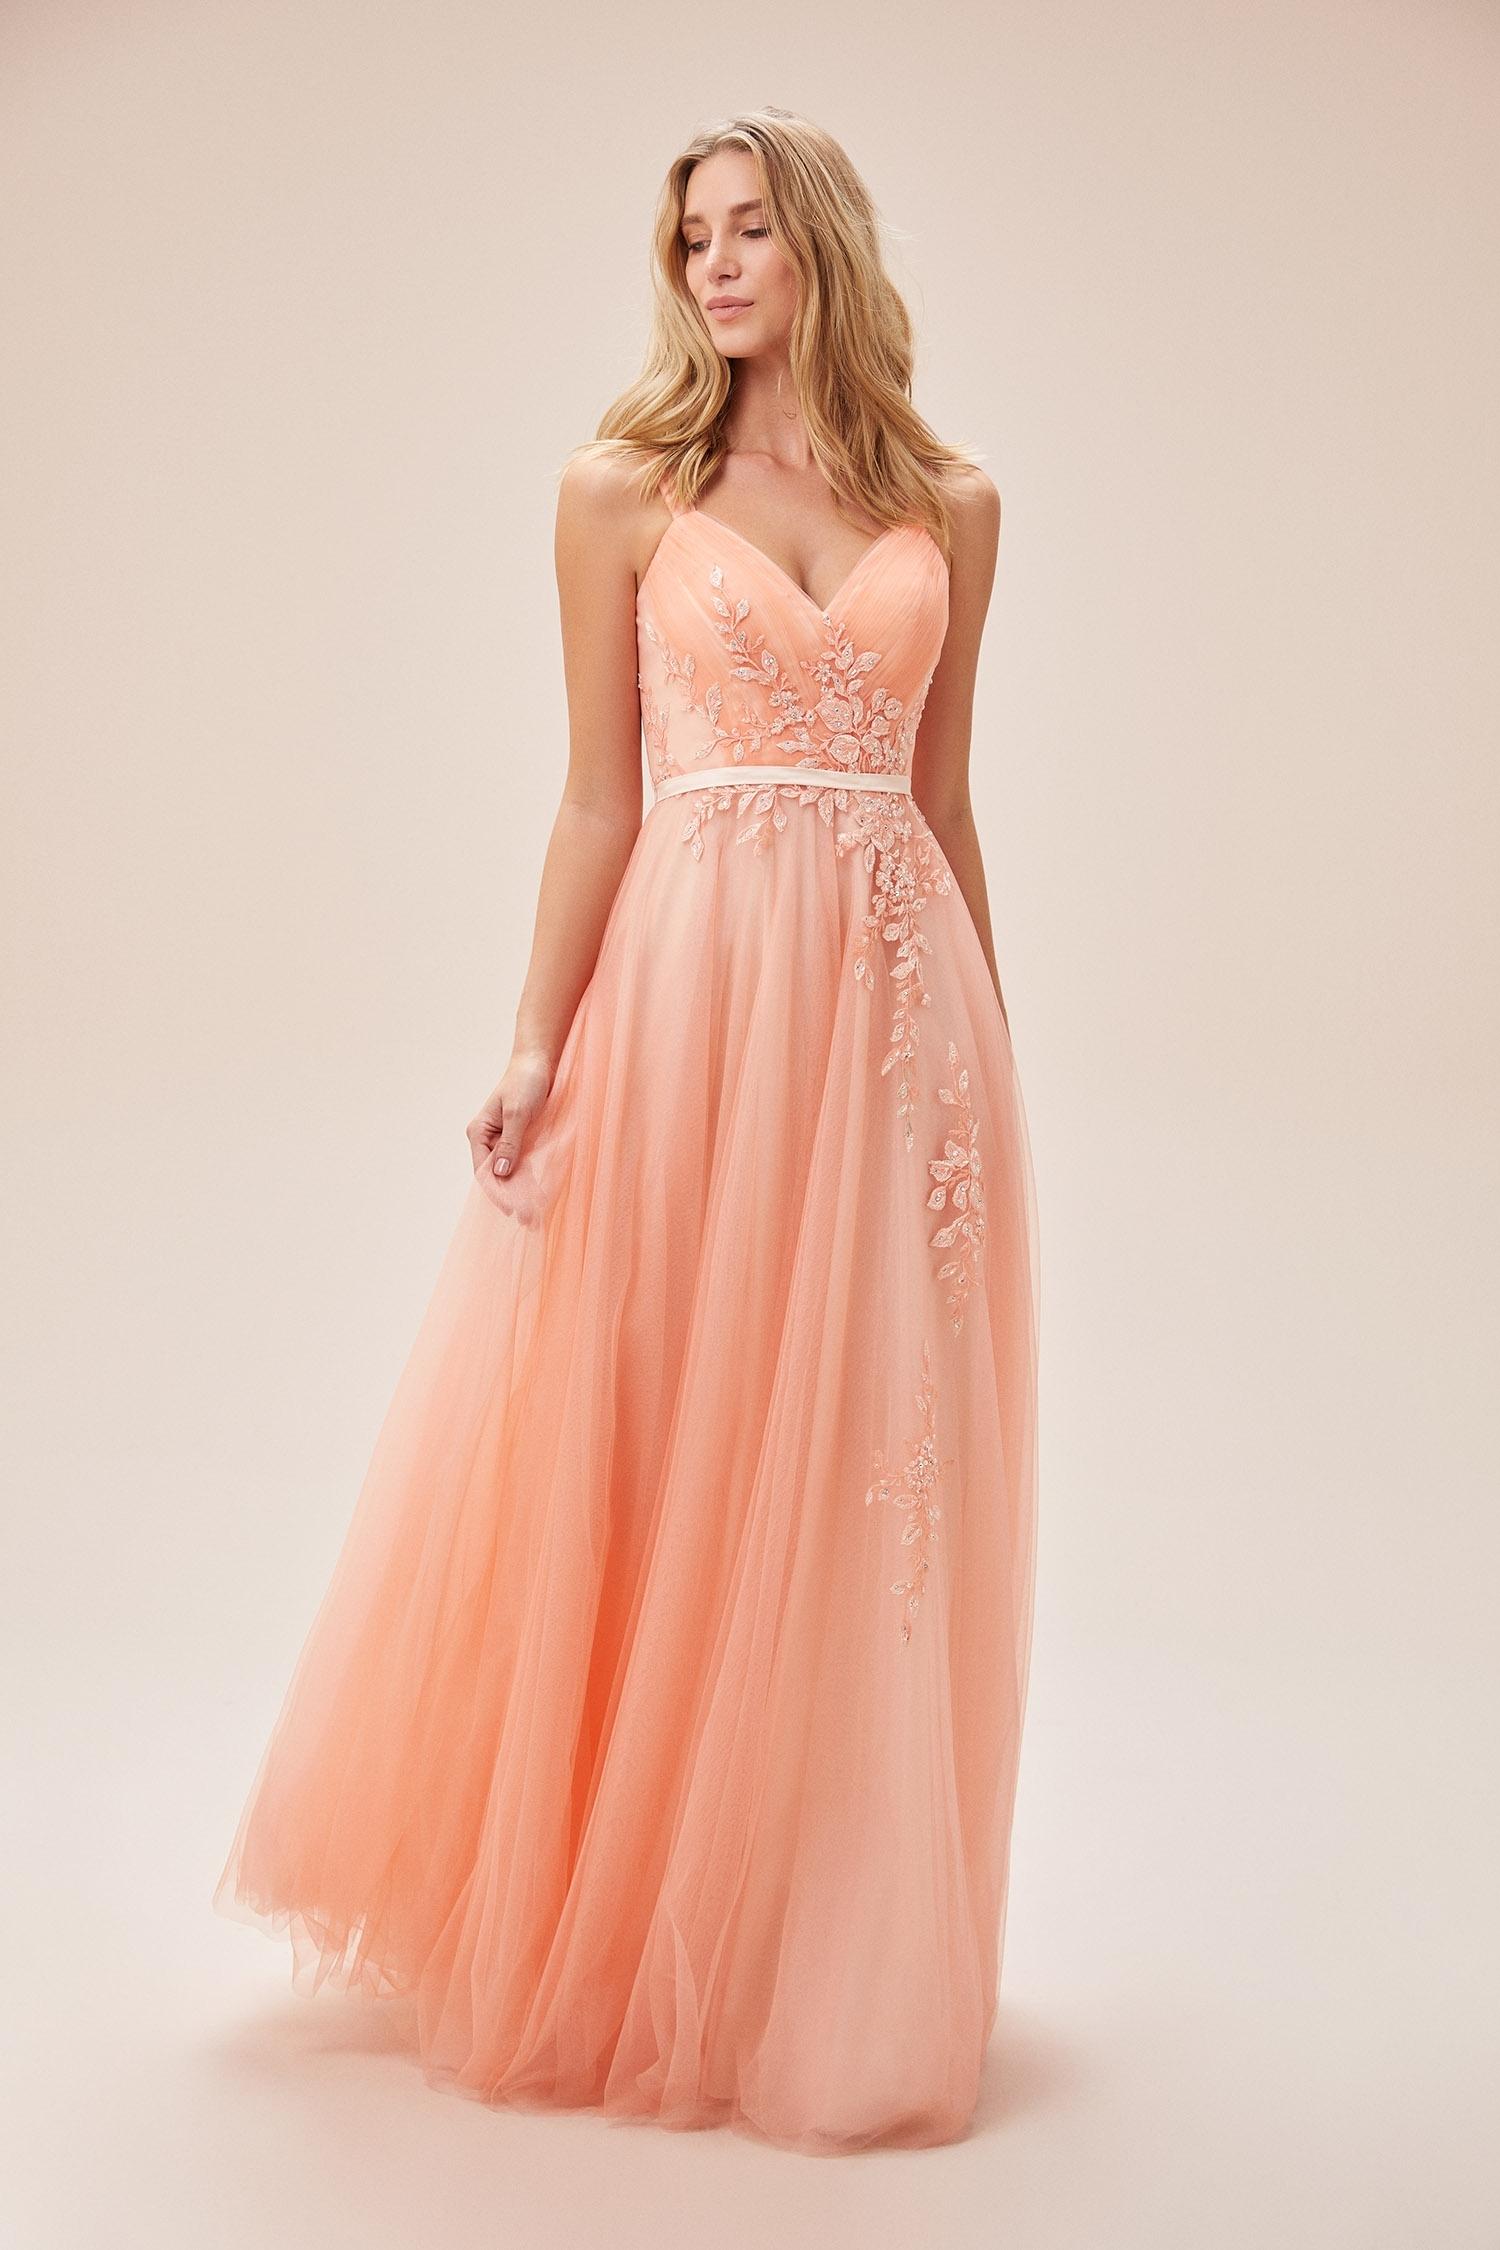 Somon Rengi Askılı Dantel İşlemeli Uzun Tül Elbise - Thumbnail